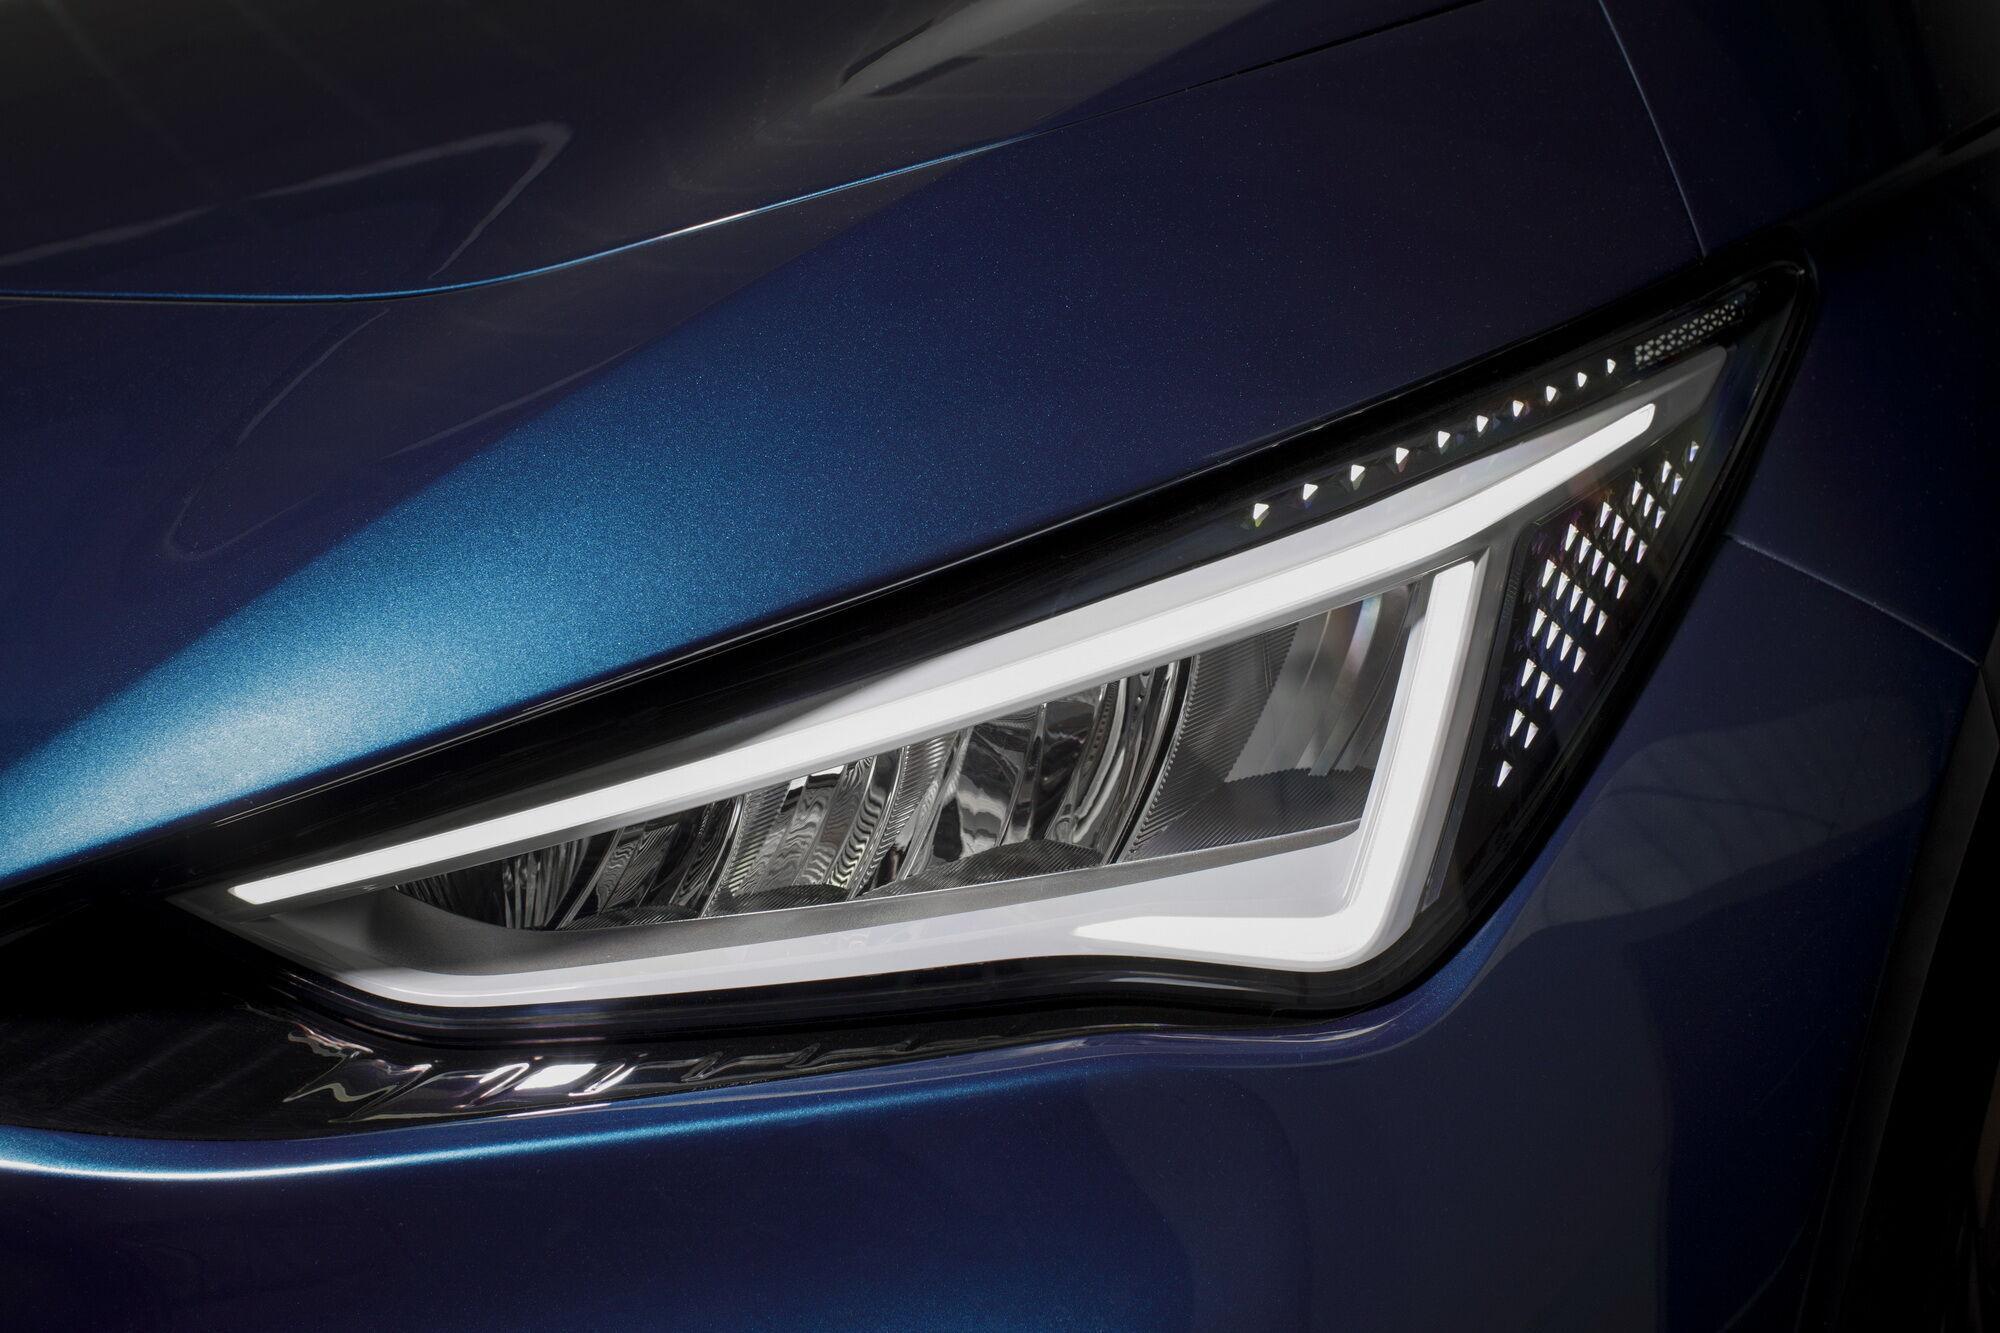 Автомобіль отримає впізнаваний малюнок світлодіодних фар